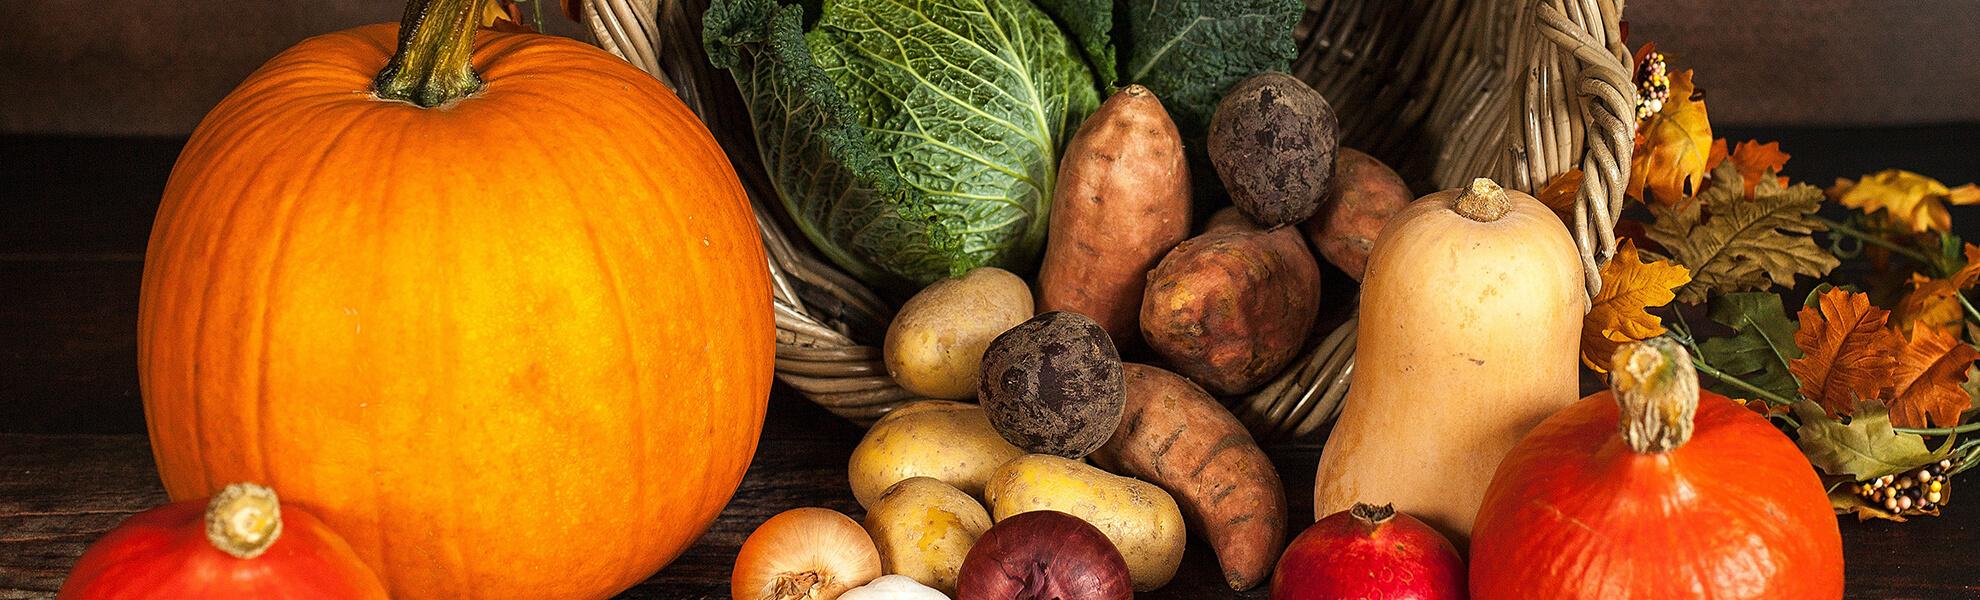 8 aliments de tardor per a nodrir les teves defenses